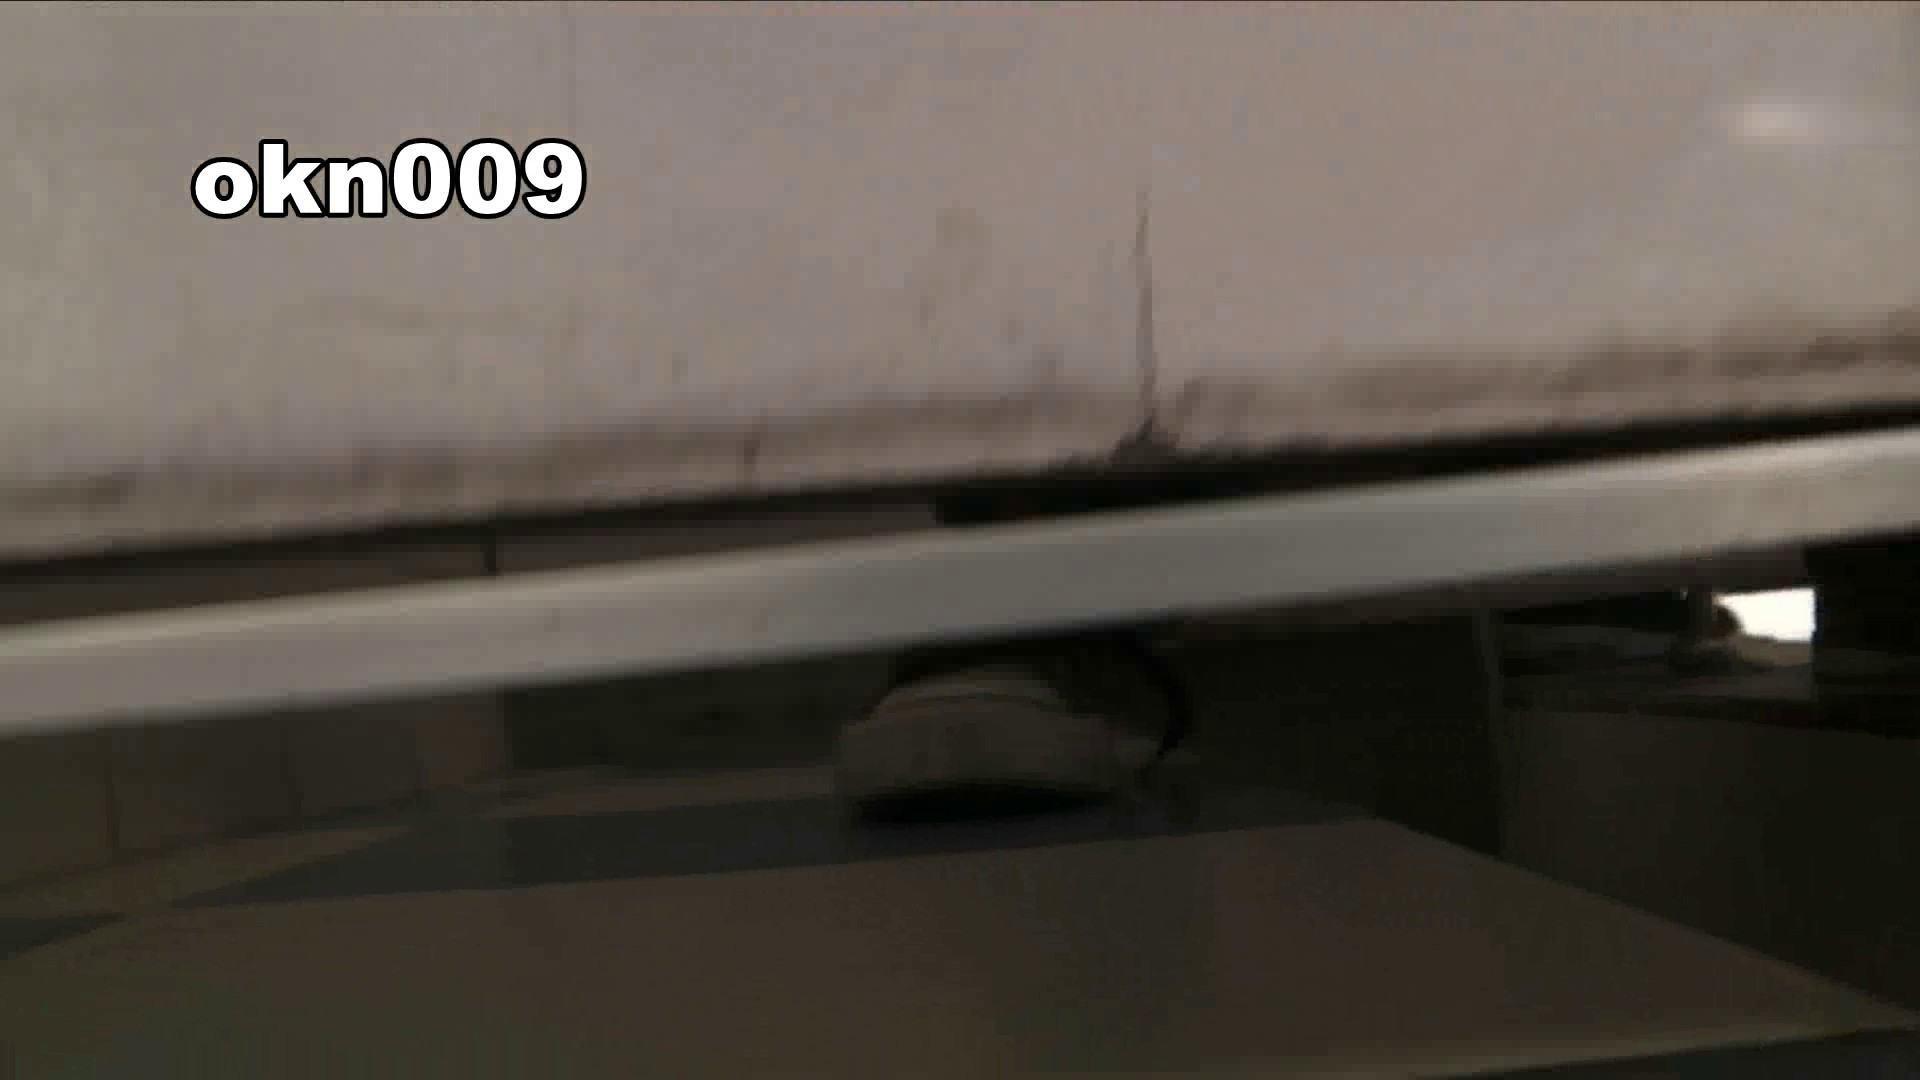 下からノゾム vol.009 リキンでモリアガった割にヒョロ 盛合せ 濡れ場動画紹介 109画像 66